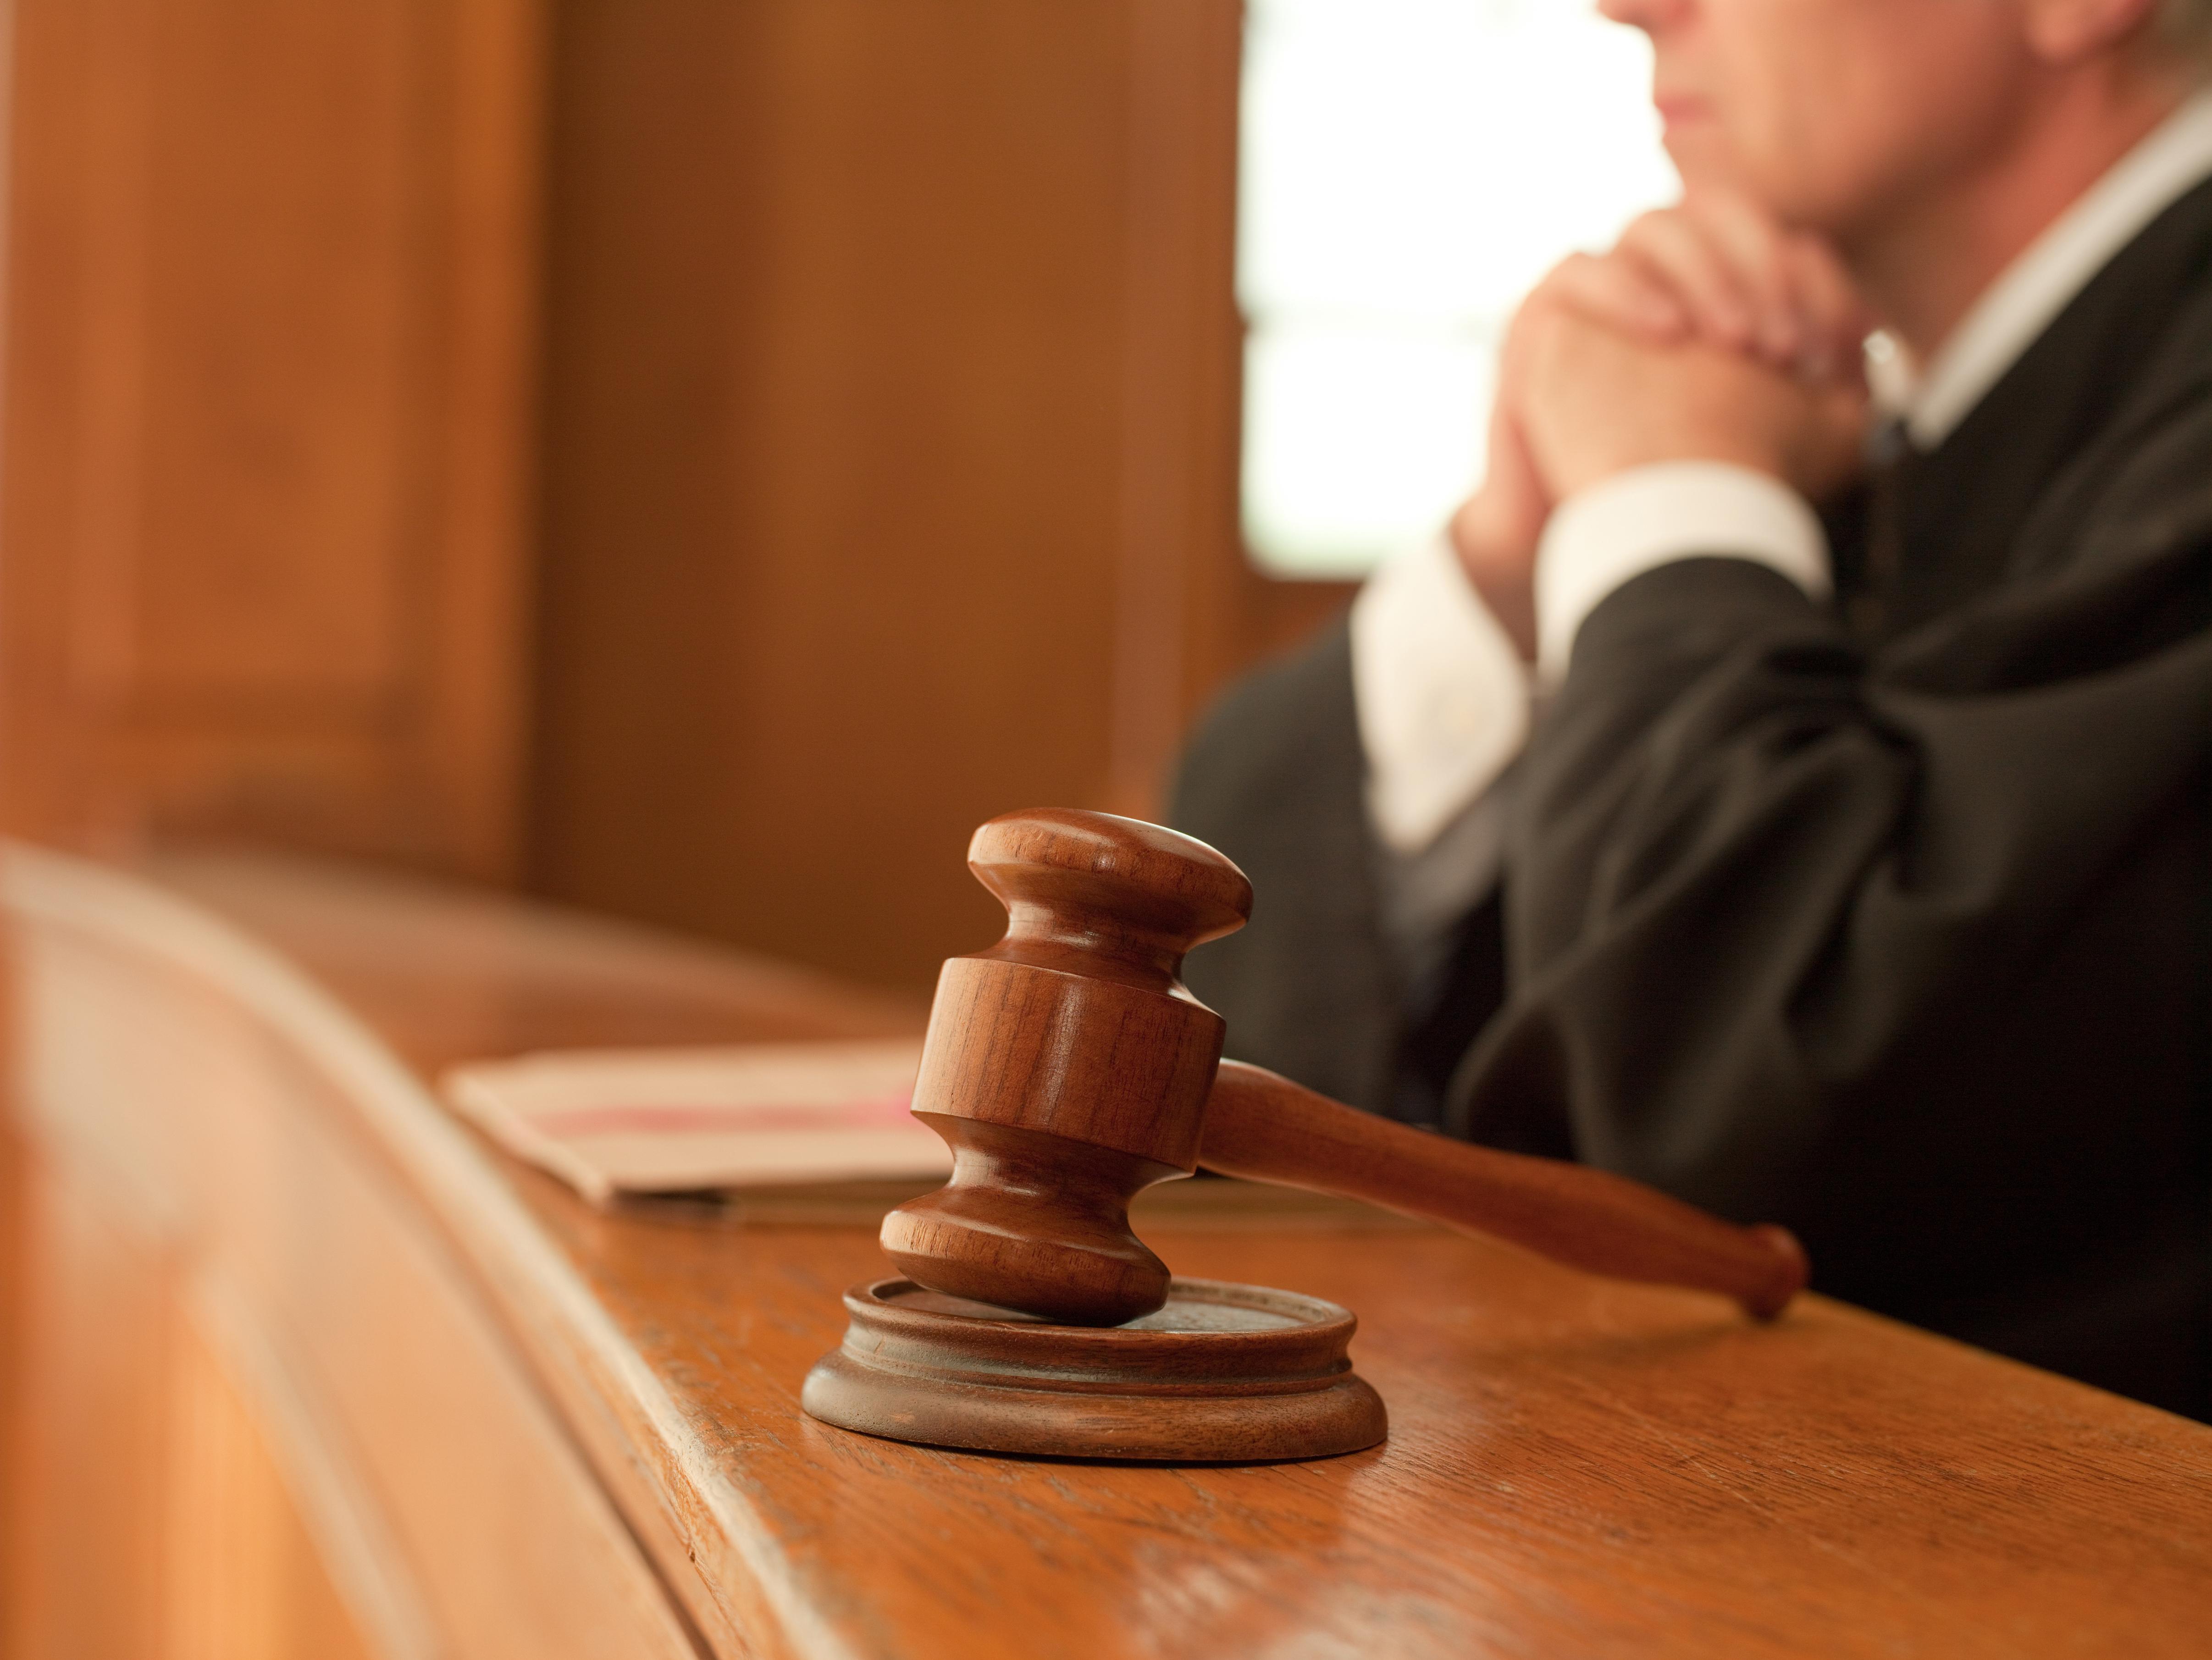 Un fost judecator al Curtii Supreme Populare din China, condamnat la inchisoare pe viata pentru coruptie